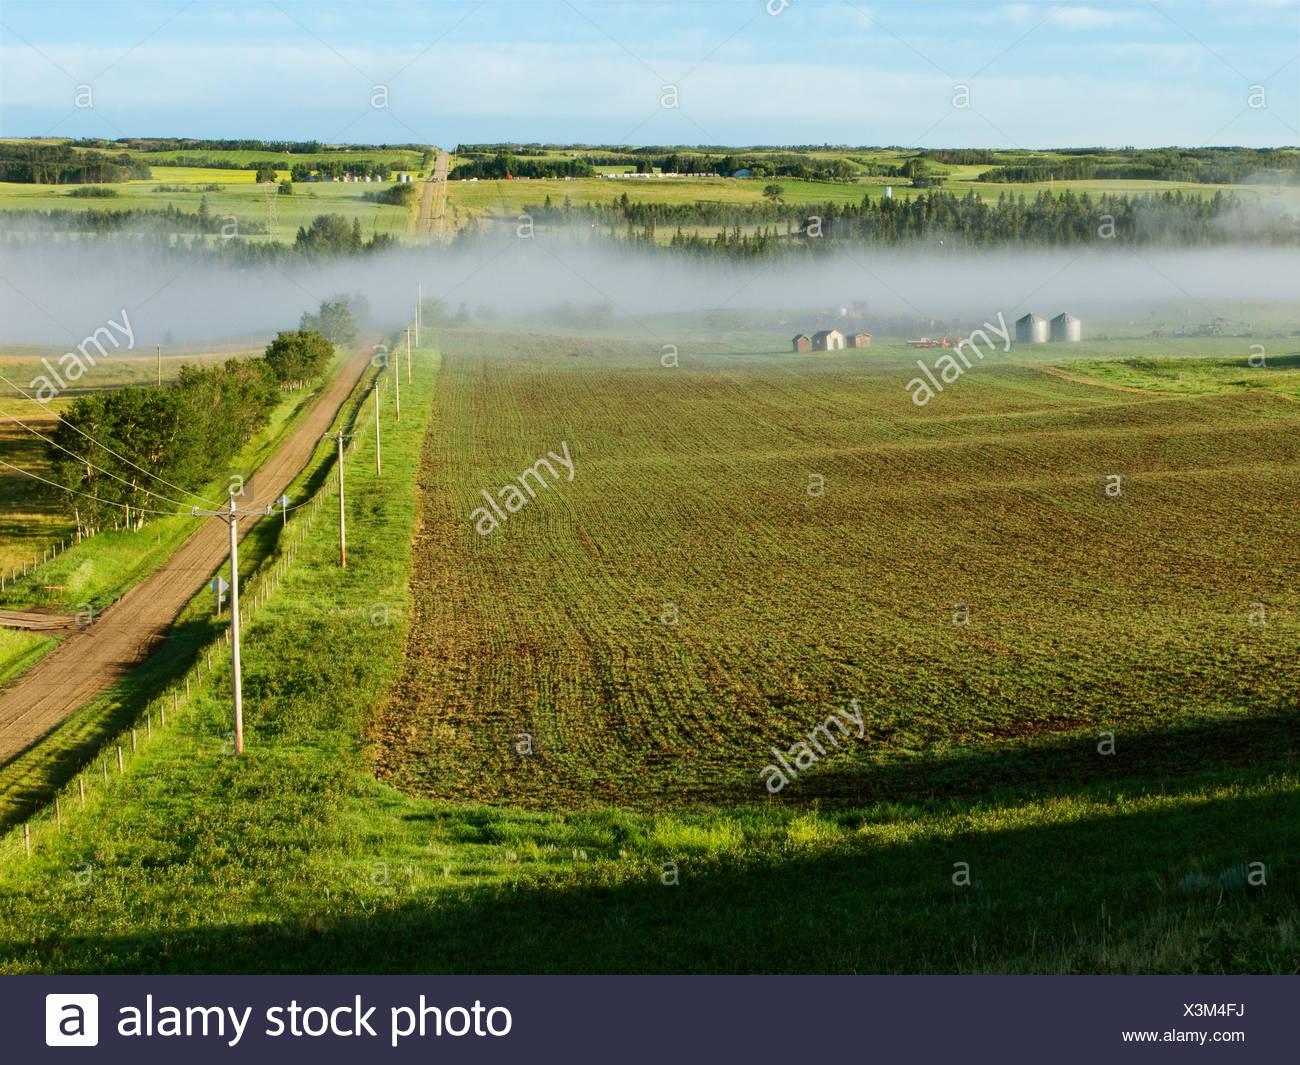 Un camino conduce al país grava el ciervo rojo Río y un crecimiento temprano de granos de cereal en el campo izquierdo / de Alberta, Canadá. Imagen De Stock